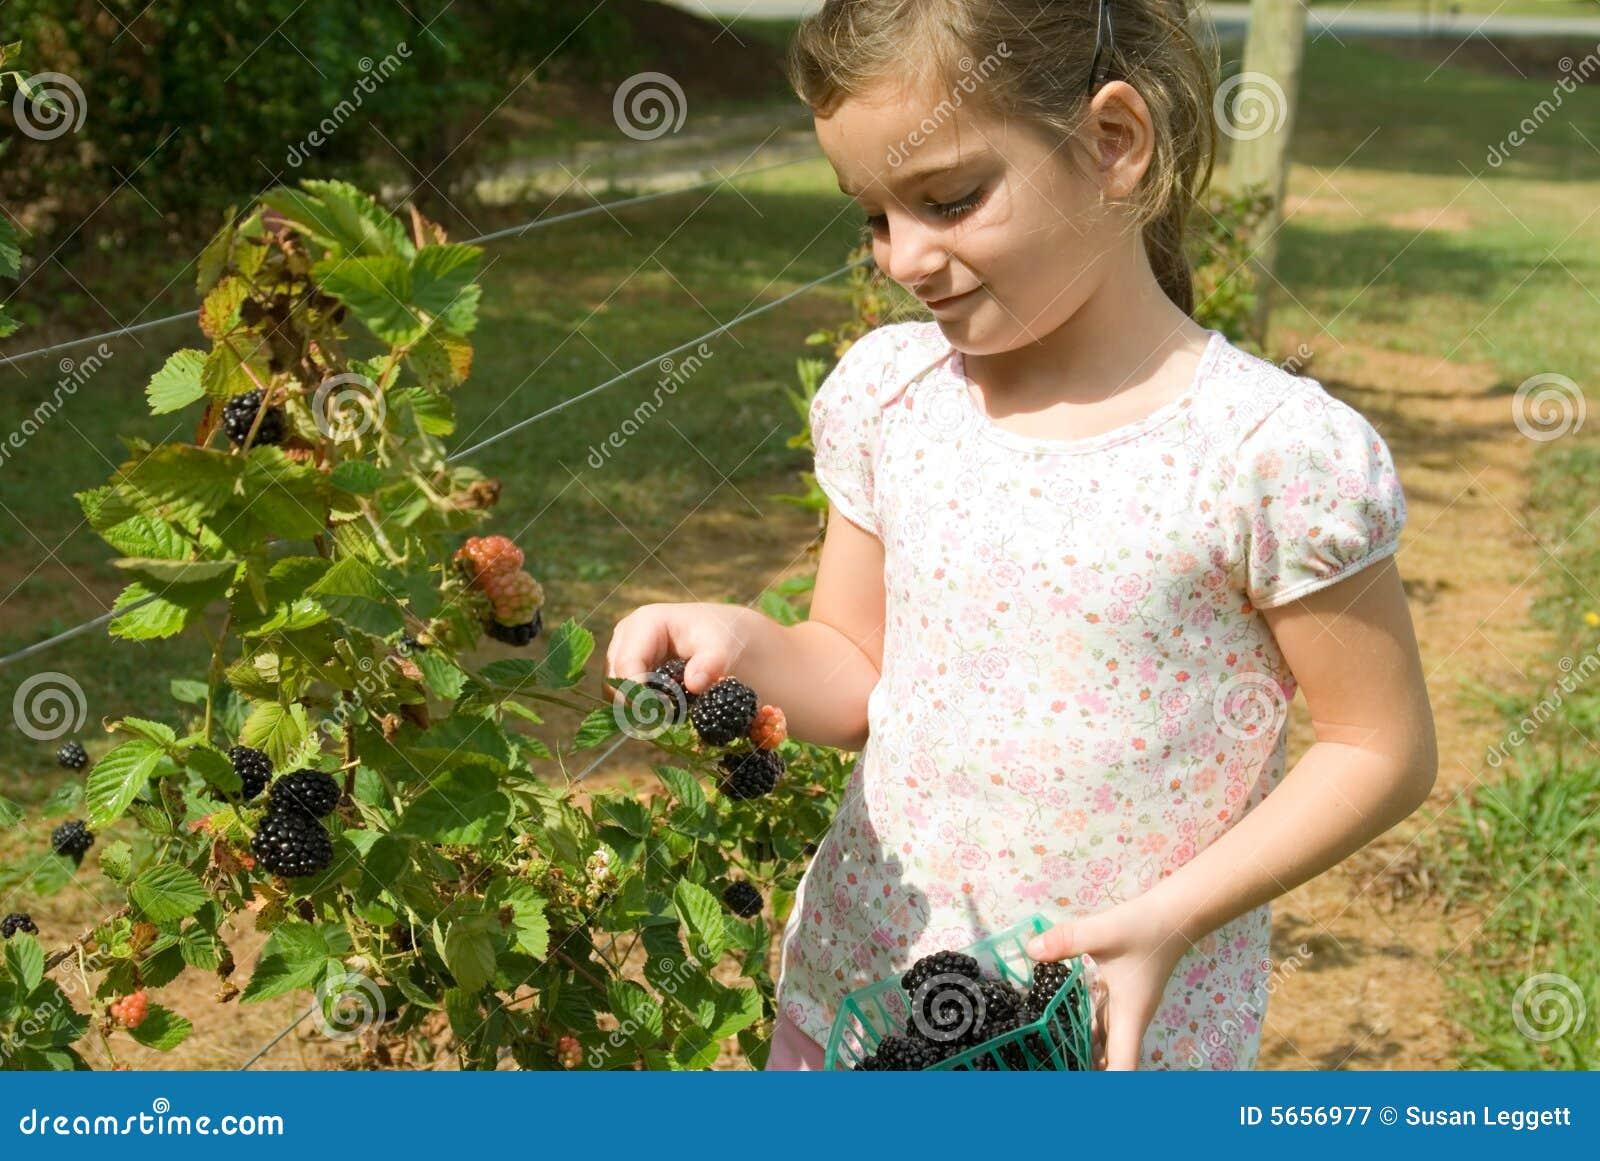 Amoras-pretas da colheita da menina